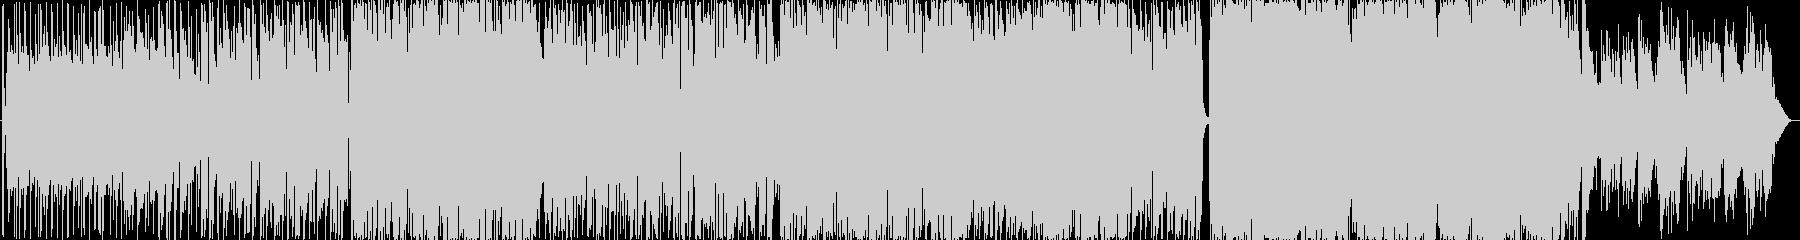 女性ボーカルのポップ/ロック。反射...の未再生の波形